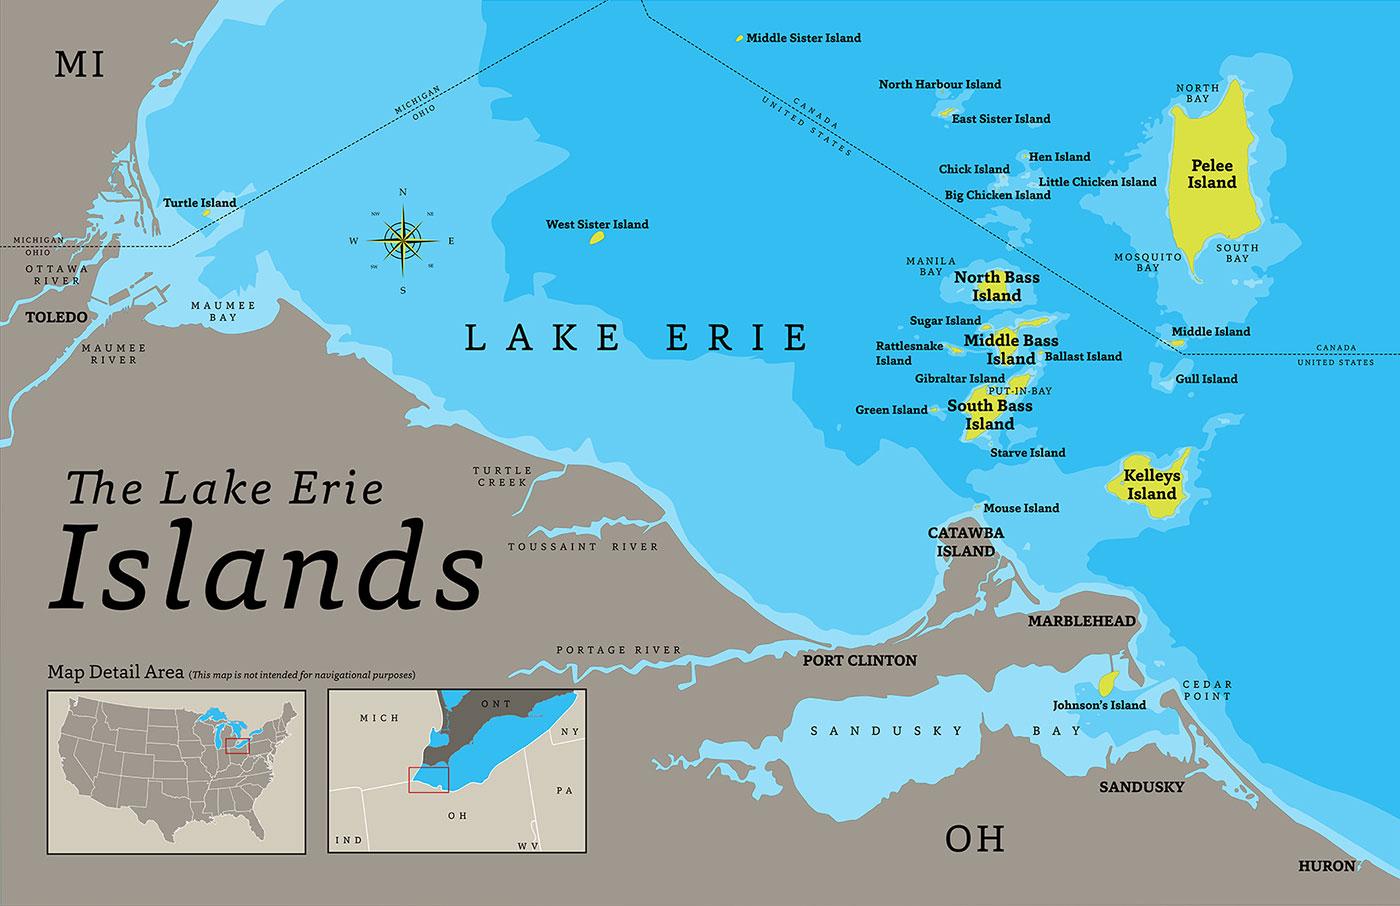 Boating-Marine Weather & Data – Shelby Ohio Weather